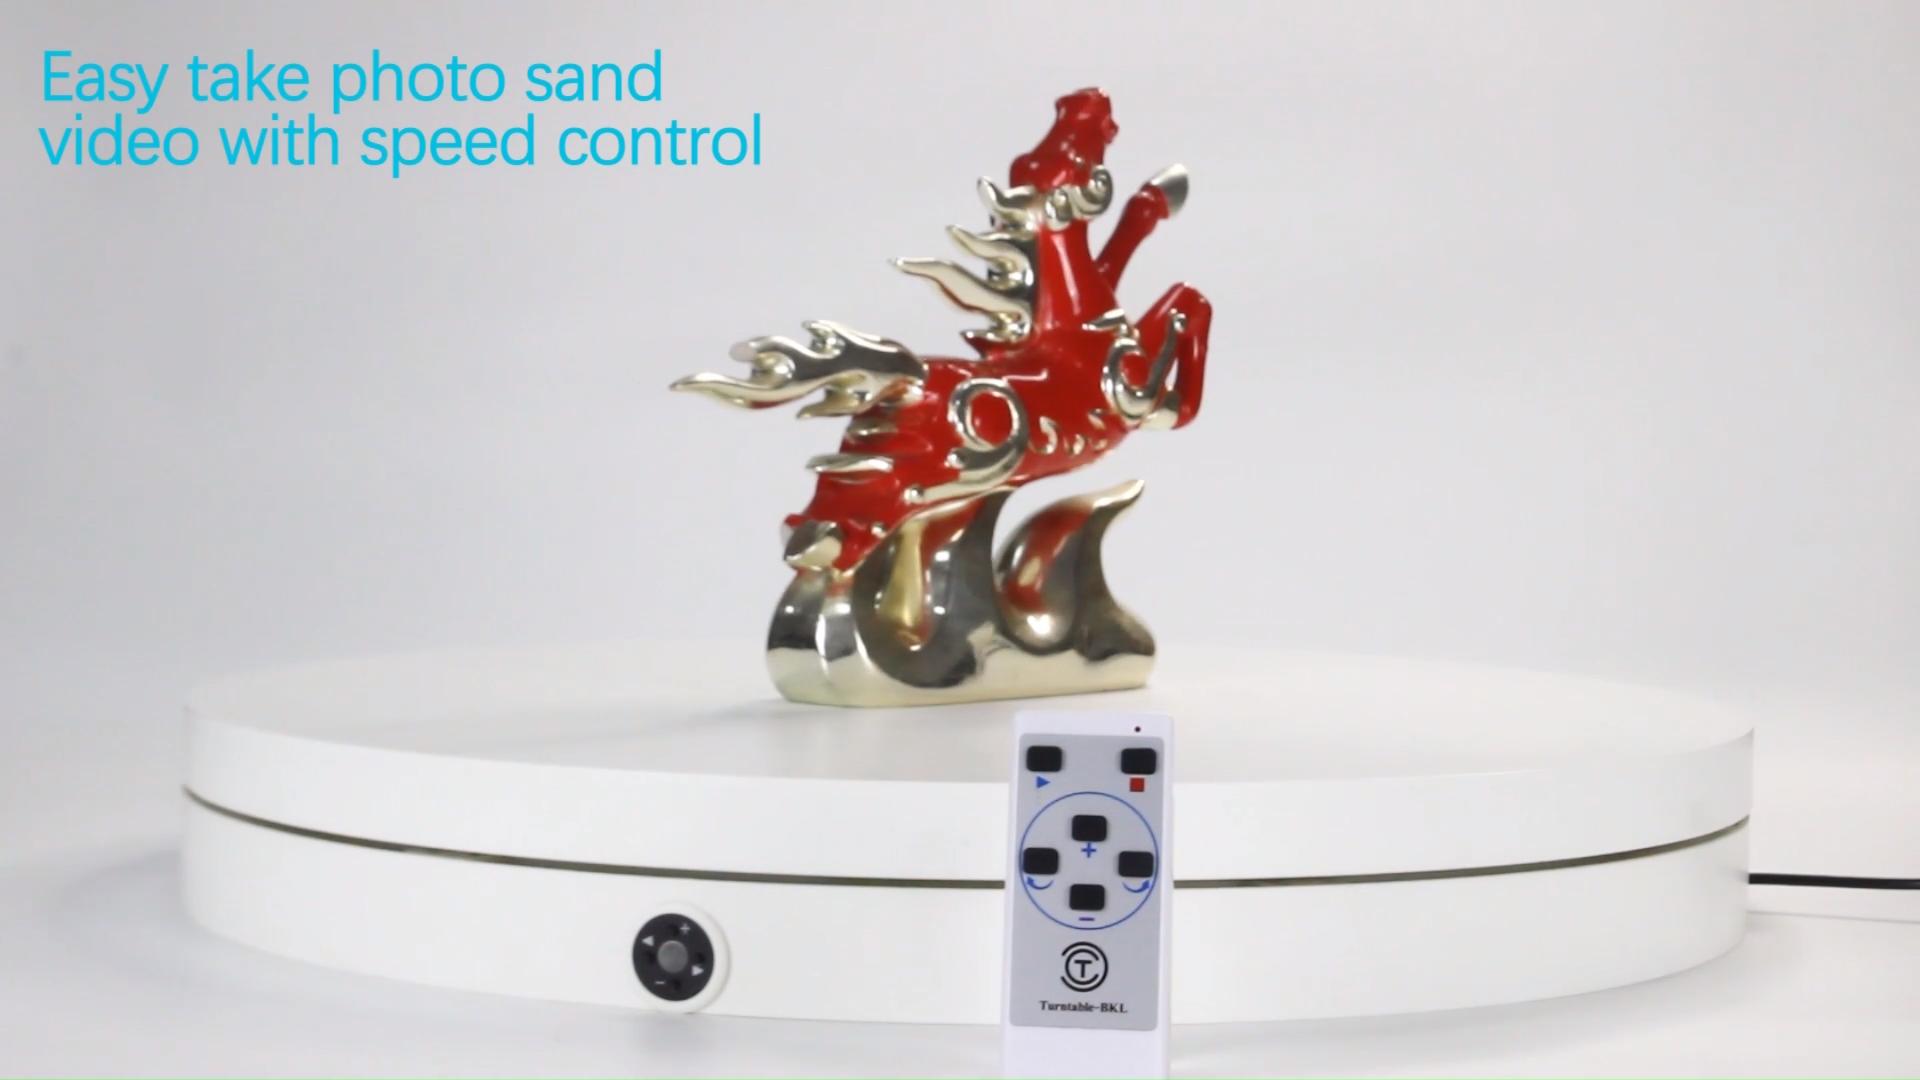 """ターンテーブル-bkl 60 センチメートル 24 """"リモコンターンテーブル製品 360 回転電機写真撮影ディスプレイスタンド"""